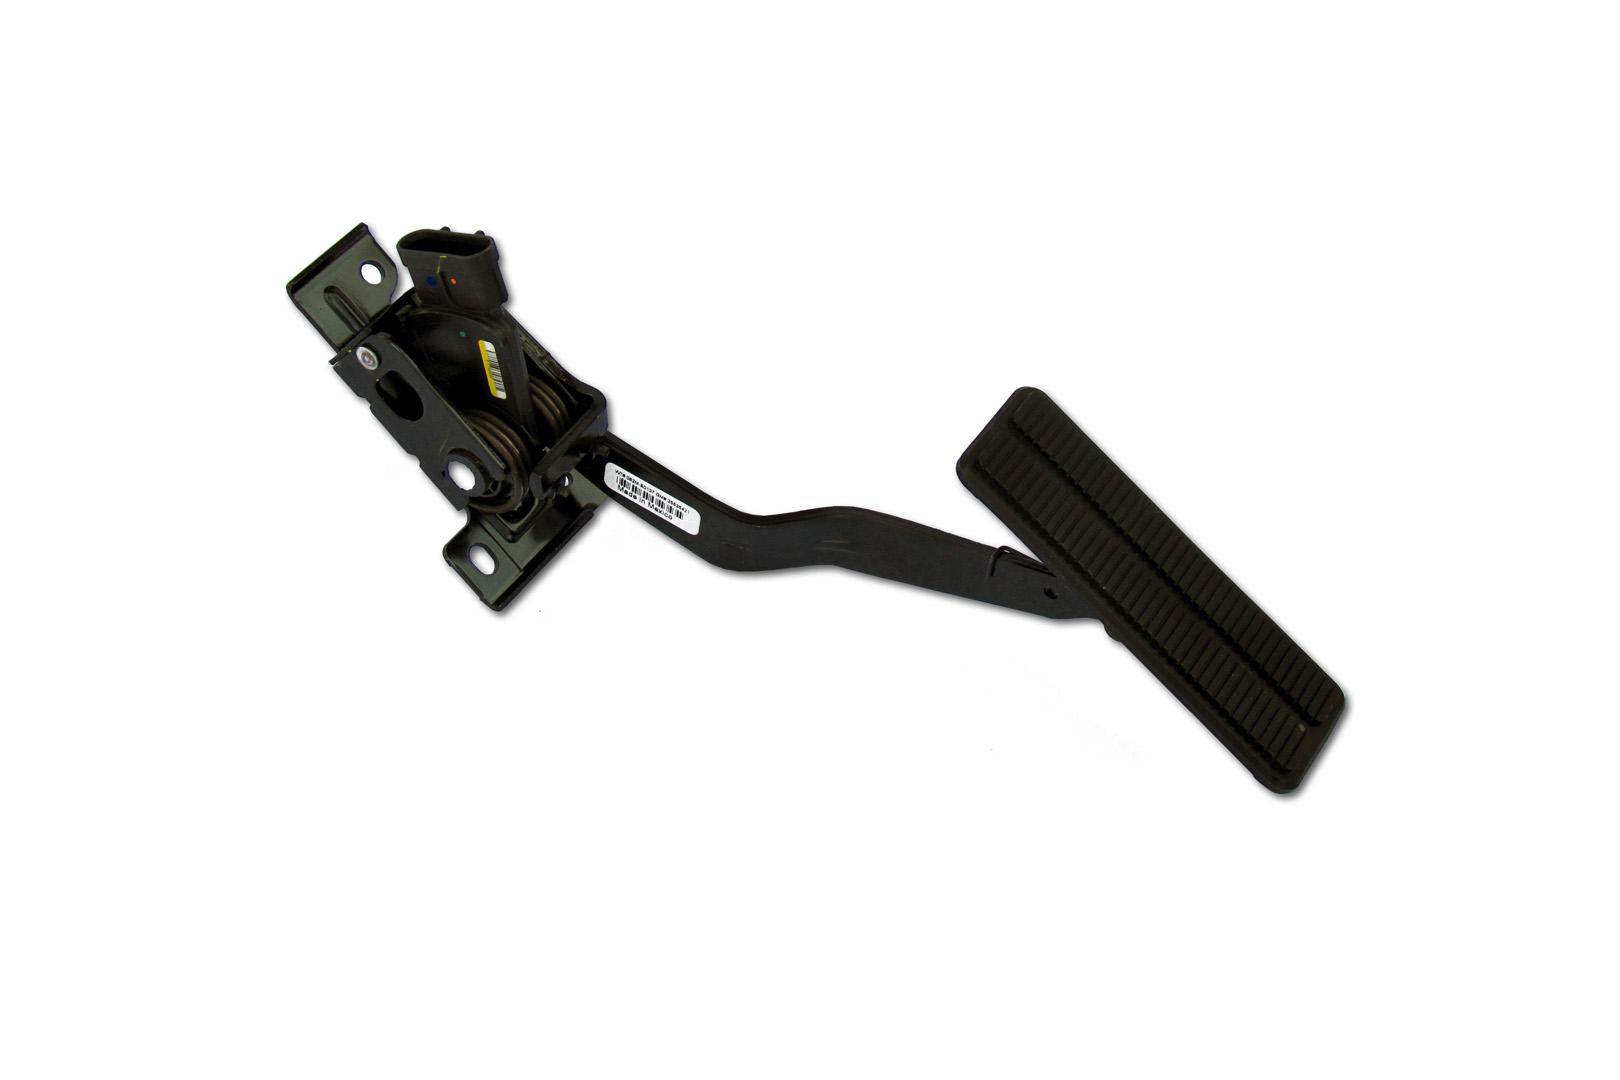 Psi Pedals Tac Modules Standalone Wiring Harness Ls 2002 Envoy Pcm 3 Schematic Ecm Tcm Lsx Ls1 Ls2 Ls3 Ls6 Ls7 Ls9 Lsa